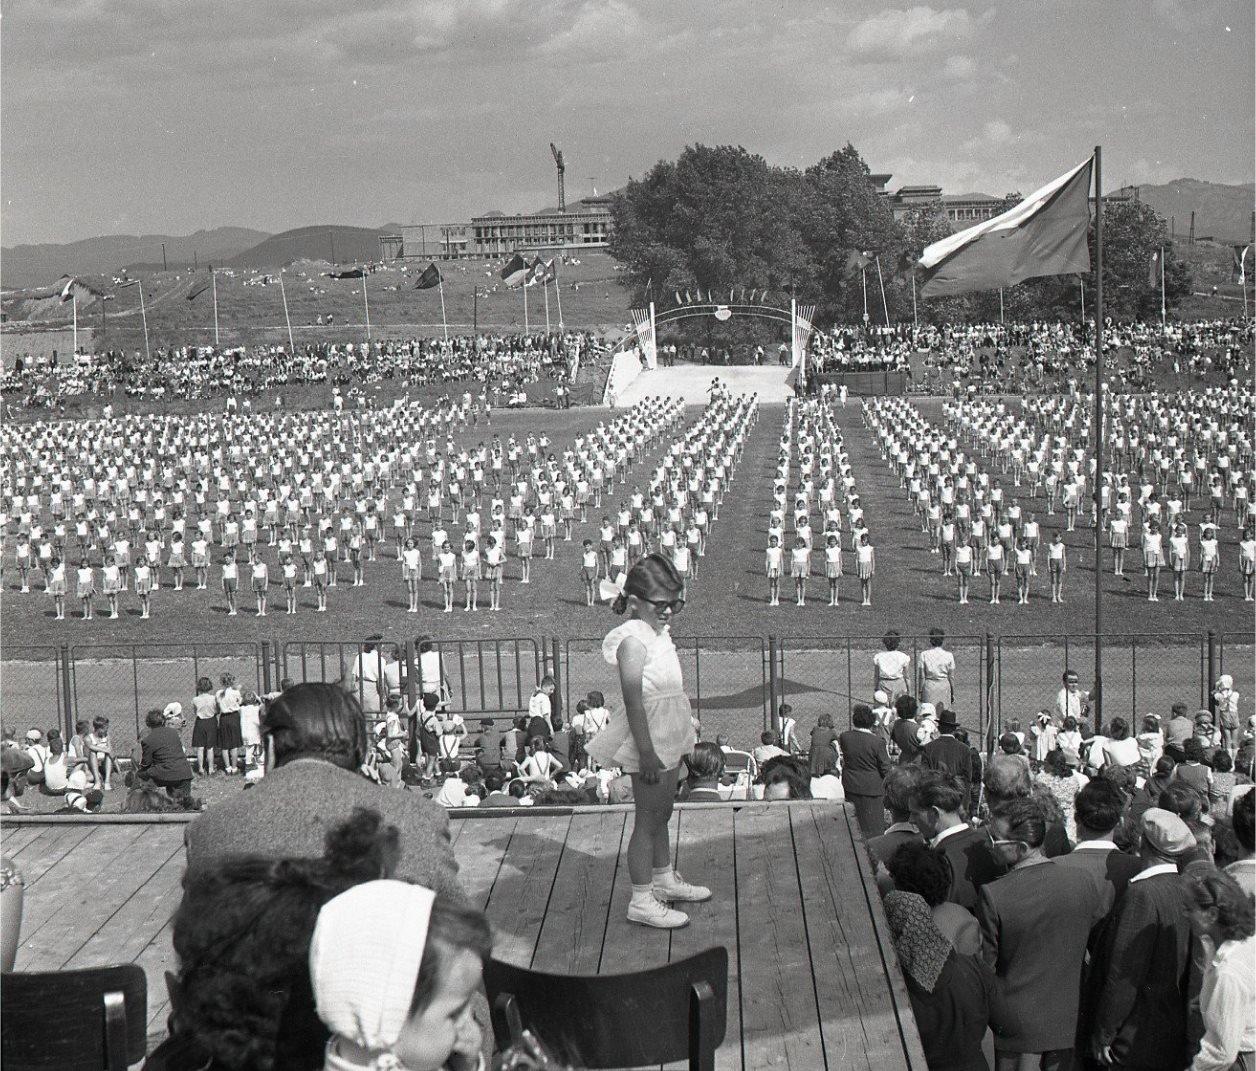 1959 - Slávnostný nástup cvičencov na plochu nového štadióna Spartak Martin